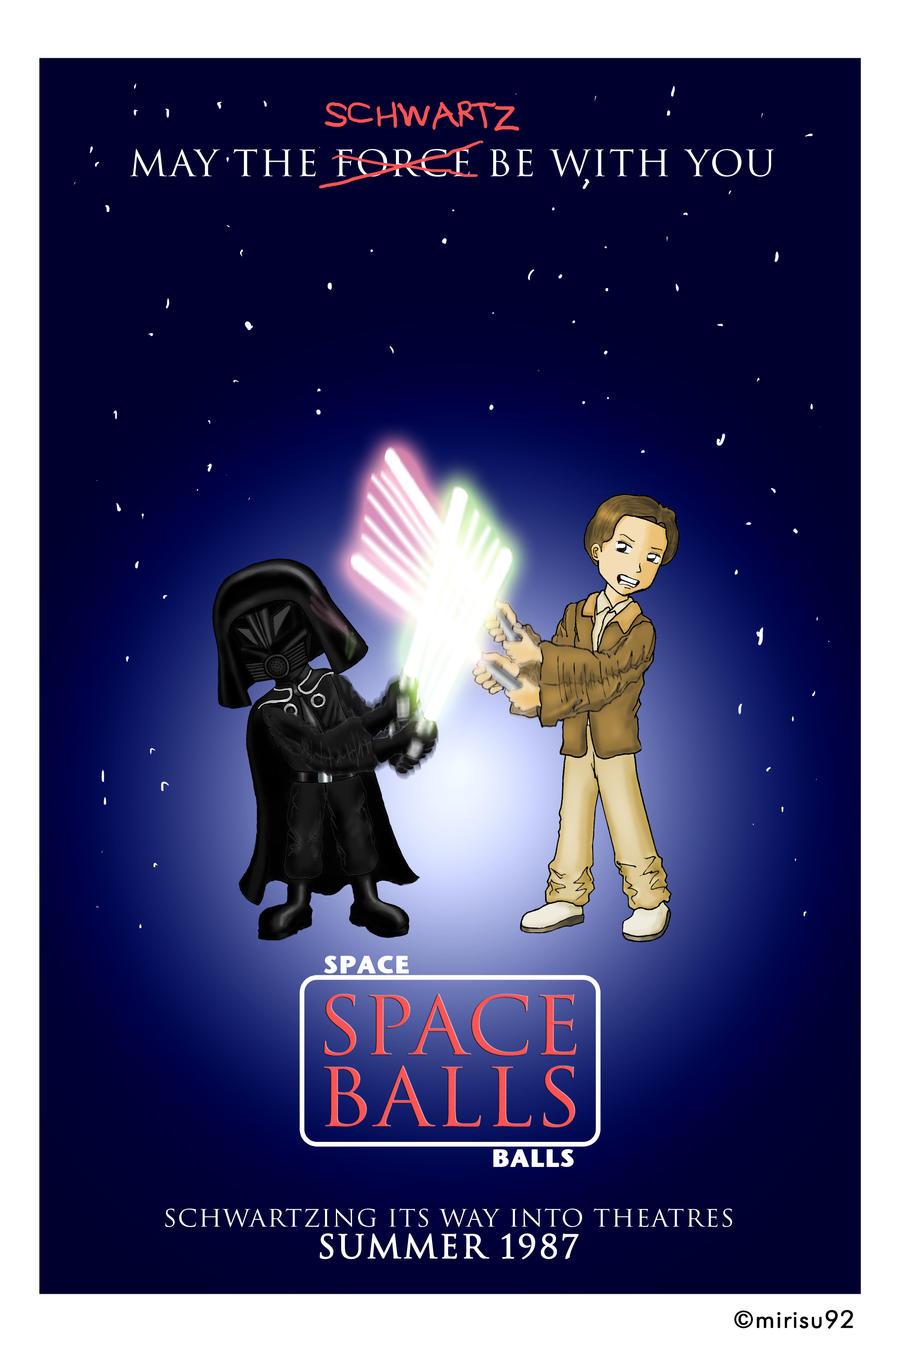 Spaceballs - Movie Poster by mirisu92 on DeviantArt